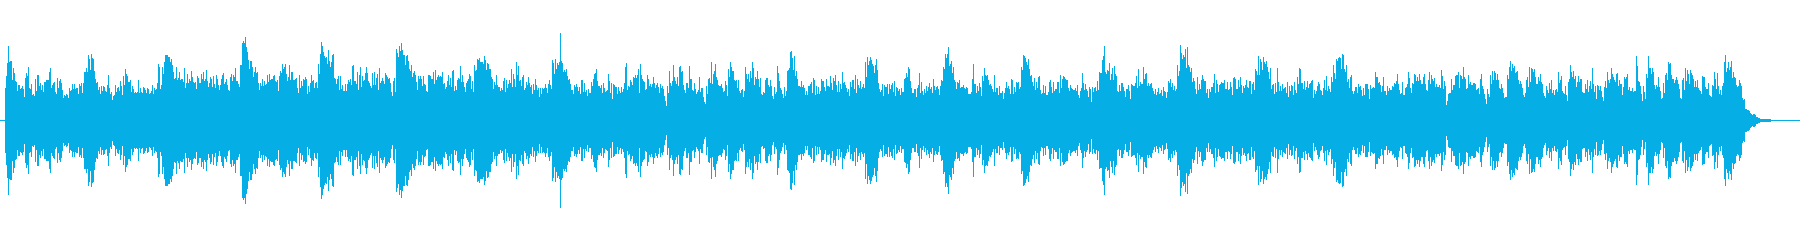 神秘的で美しい発車メロディー風の楽曲の再生済みの波形